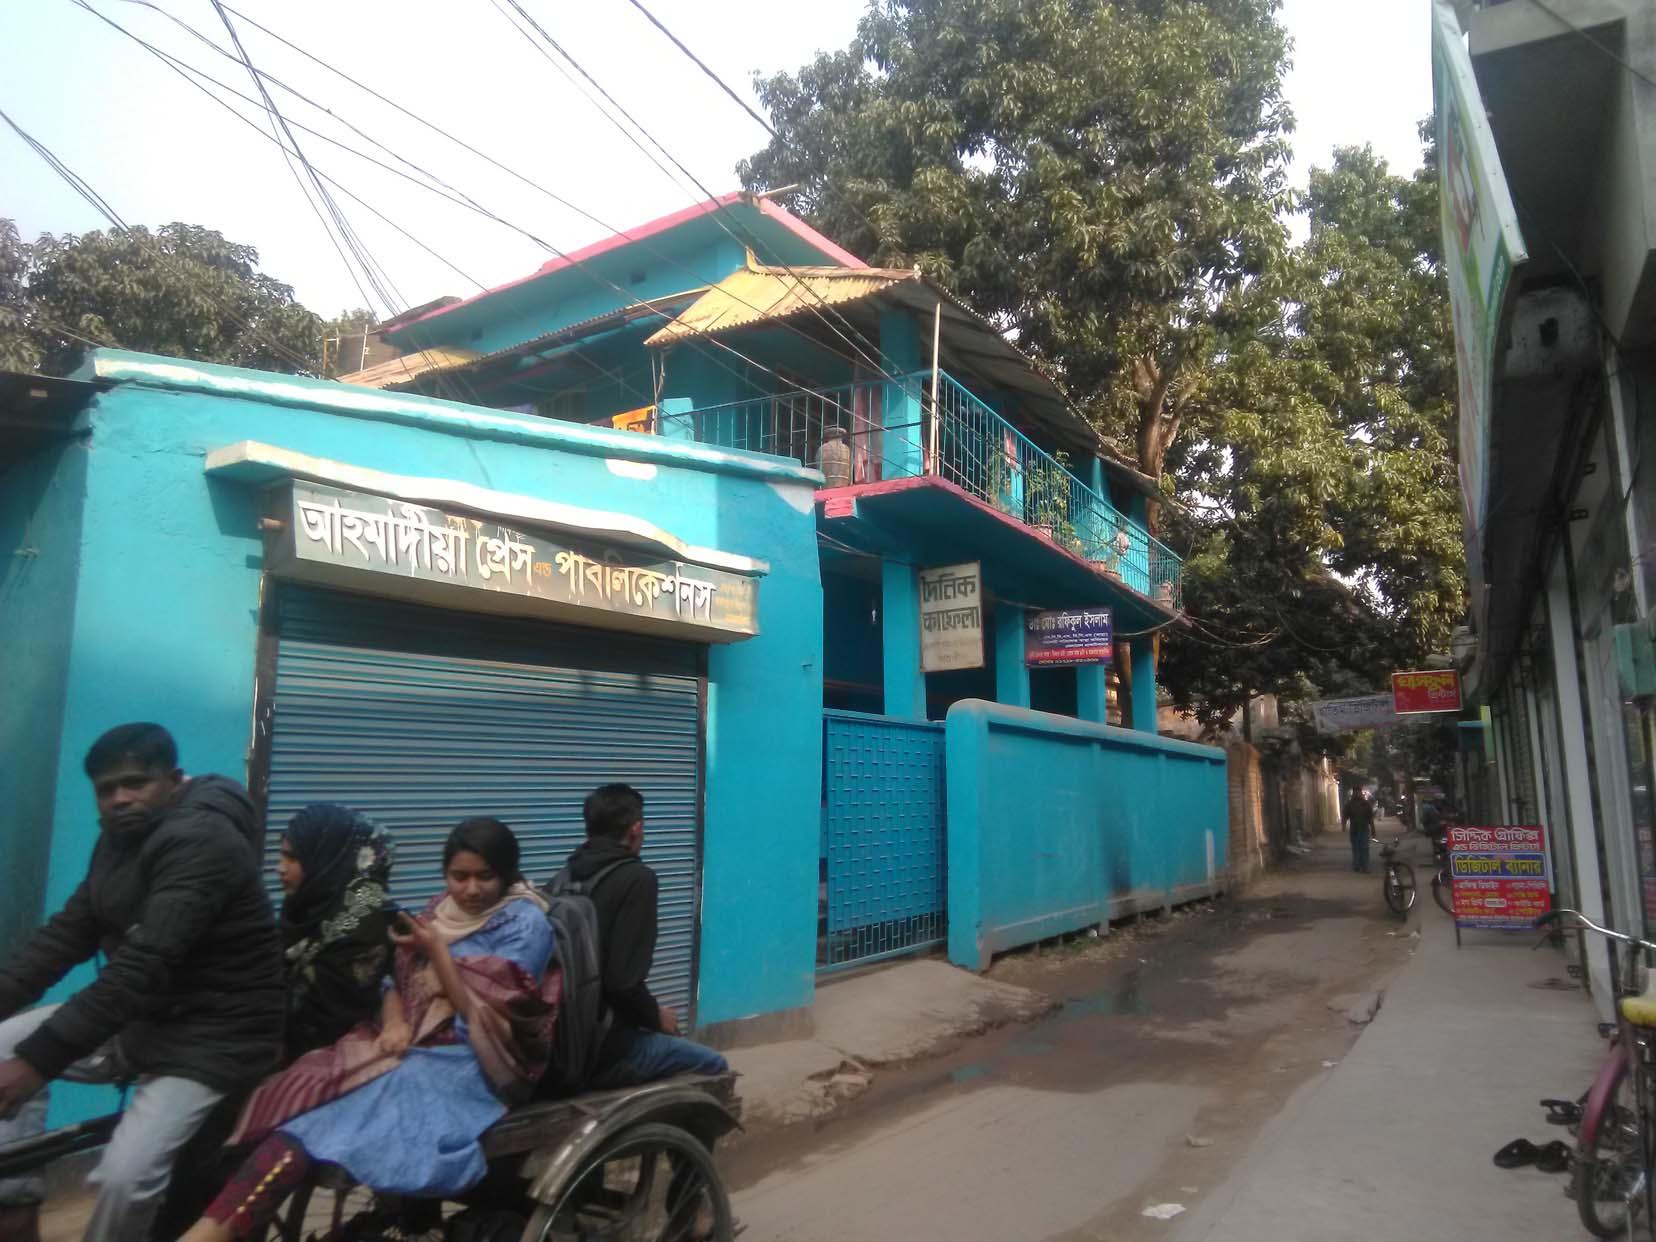 ভেঙ্গে গেল মোতালেব বাড়ির আনন্দবাজার